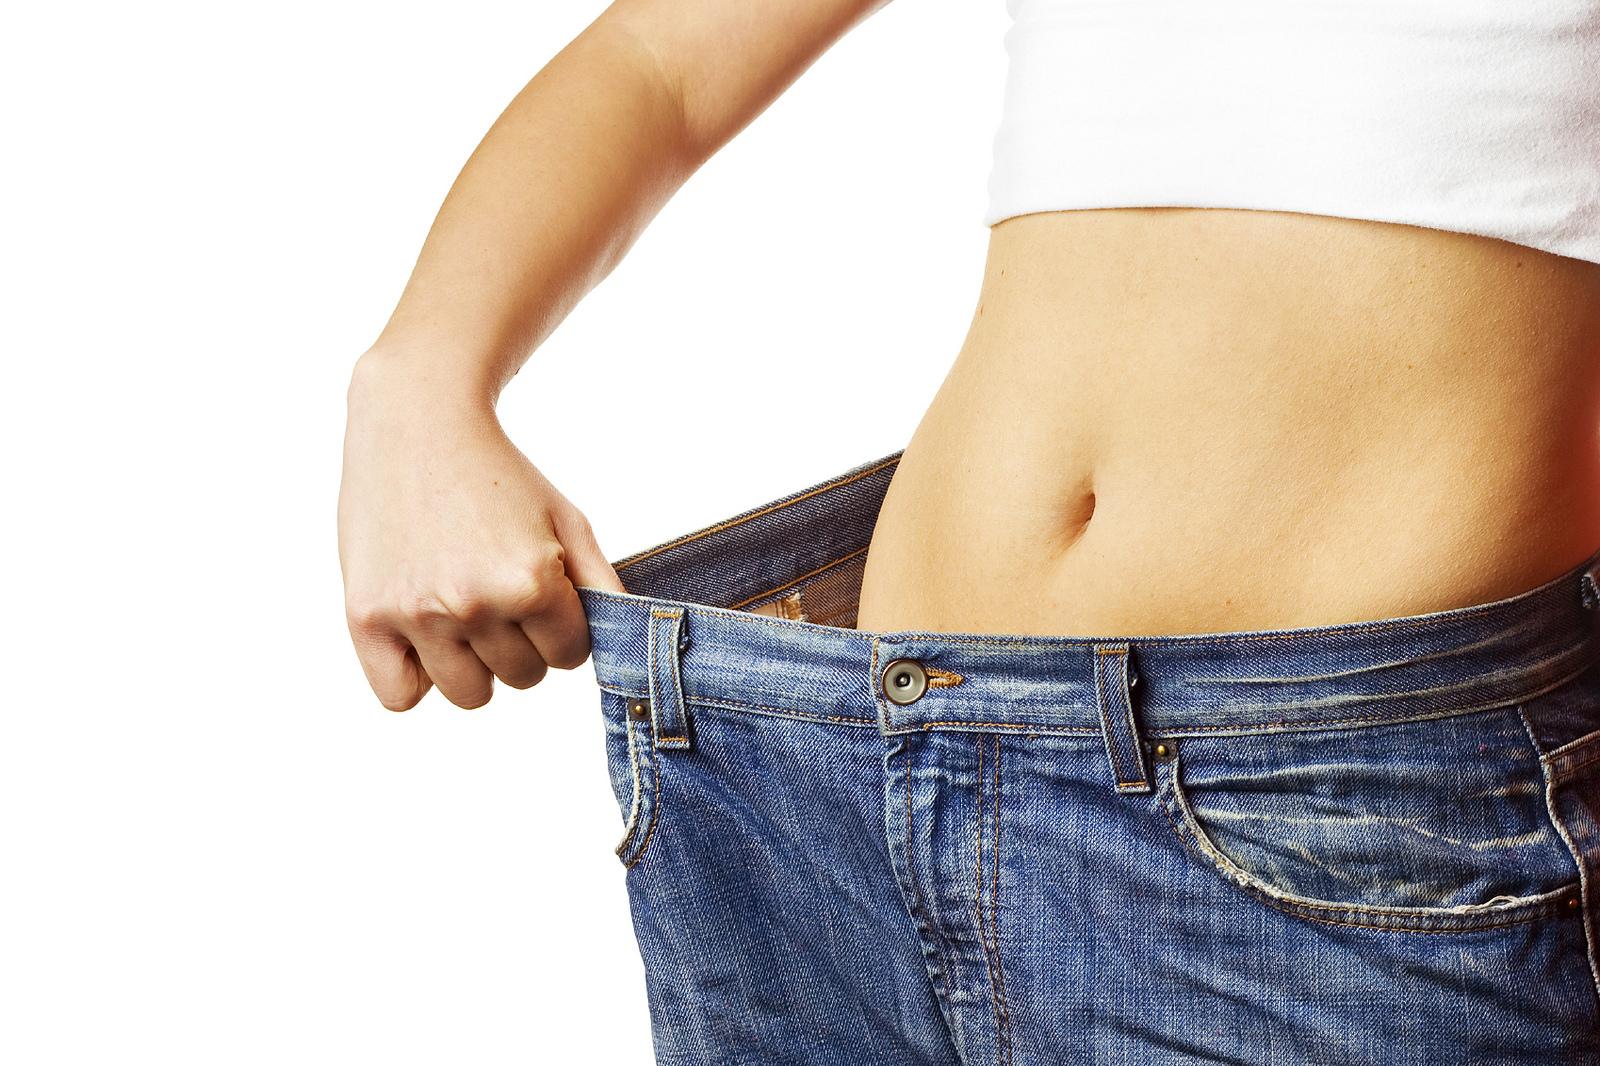 Приємні моменти схуднення, які смотивируют змінювати себе